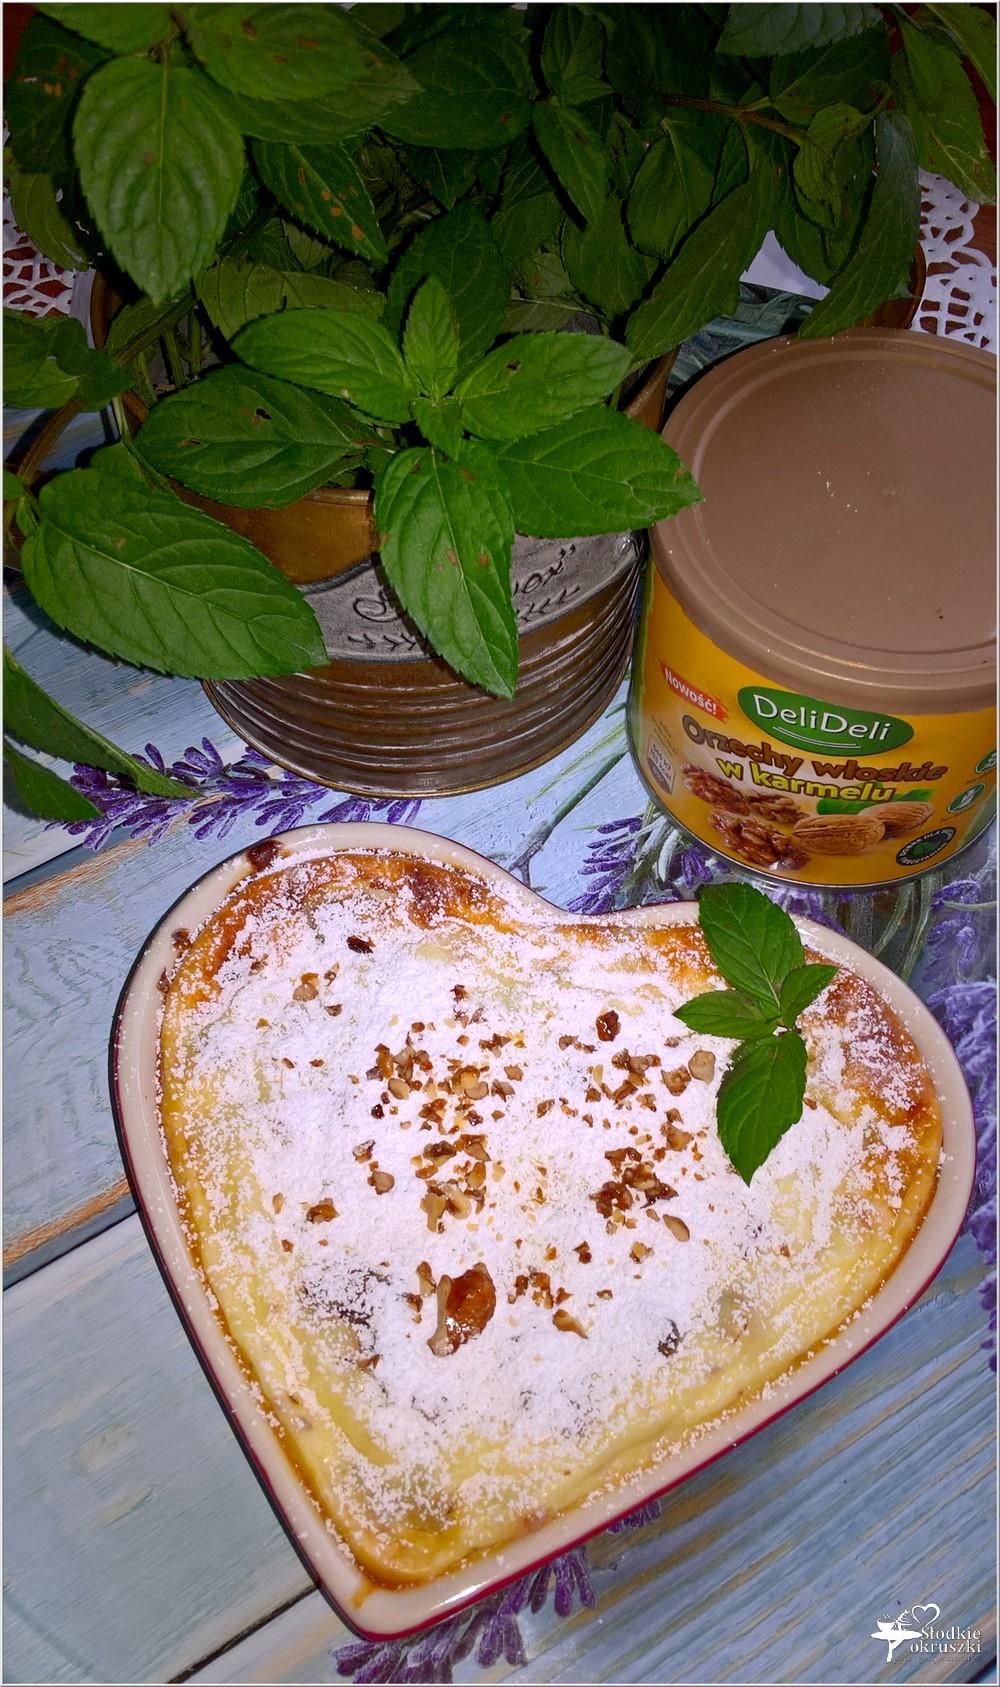 Pieczony serniczek z orzechami włoskimi i kandyzowaną skórką (4)